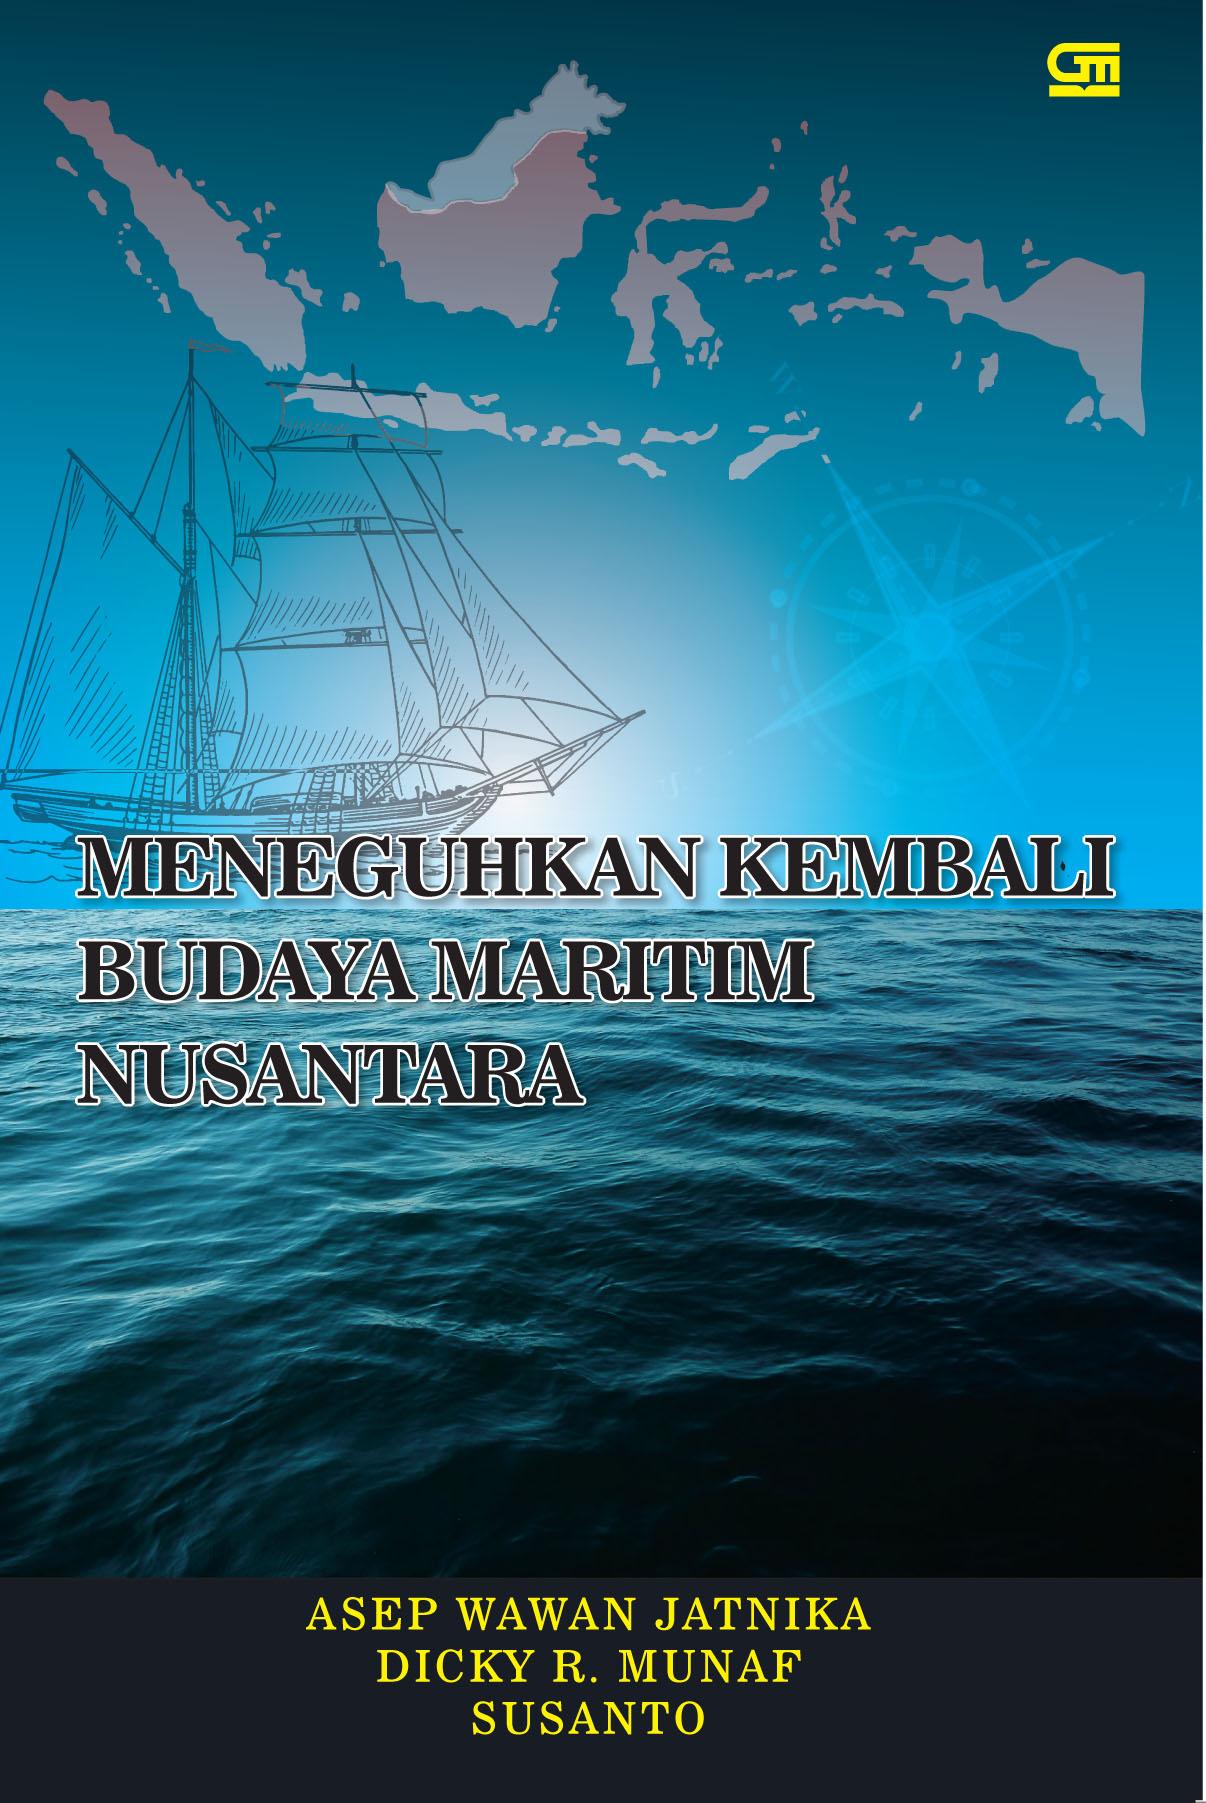 Meneguhkan Kembali Budaya Maritim Nusantara